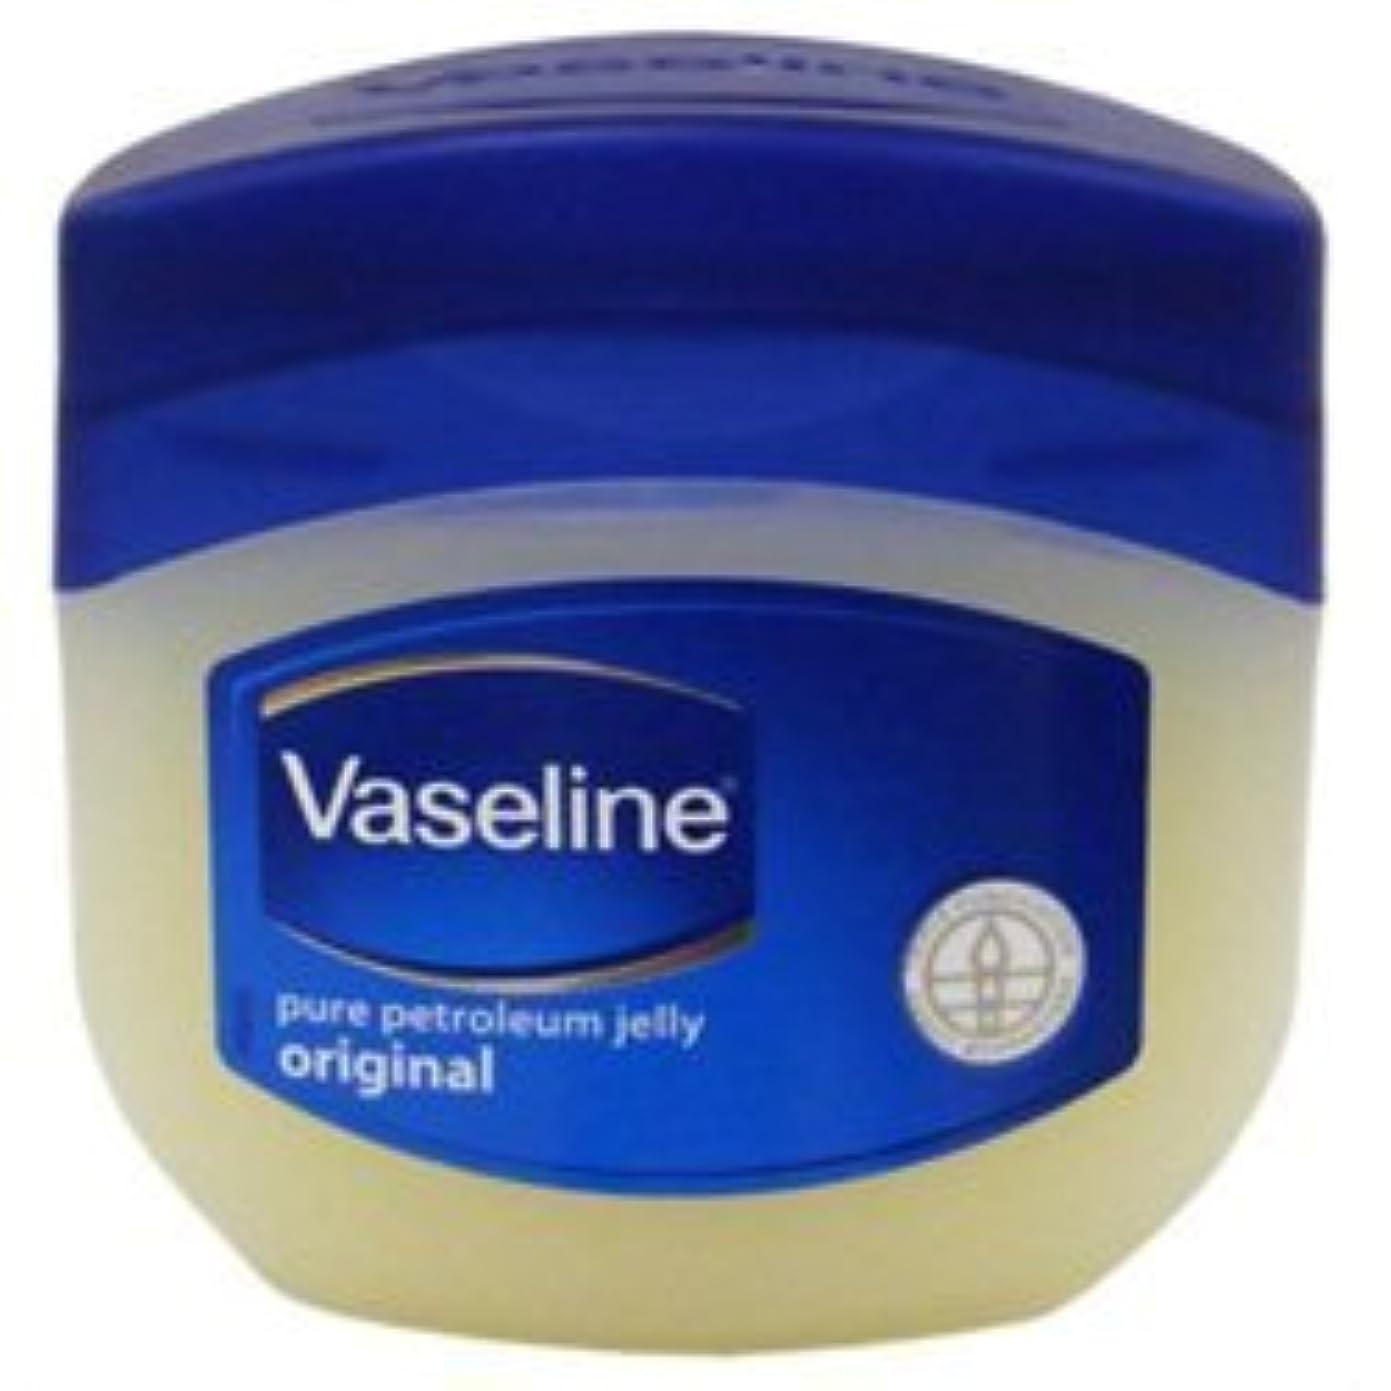 祭り価値のない漏斗【Vaseline】ヴァセリン ピュアスキンジェリー (スキンオイル) 80g ×20個セット